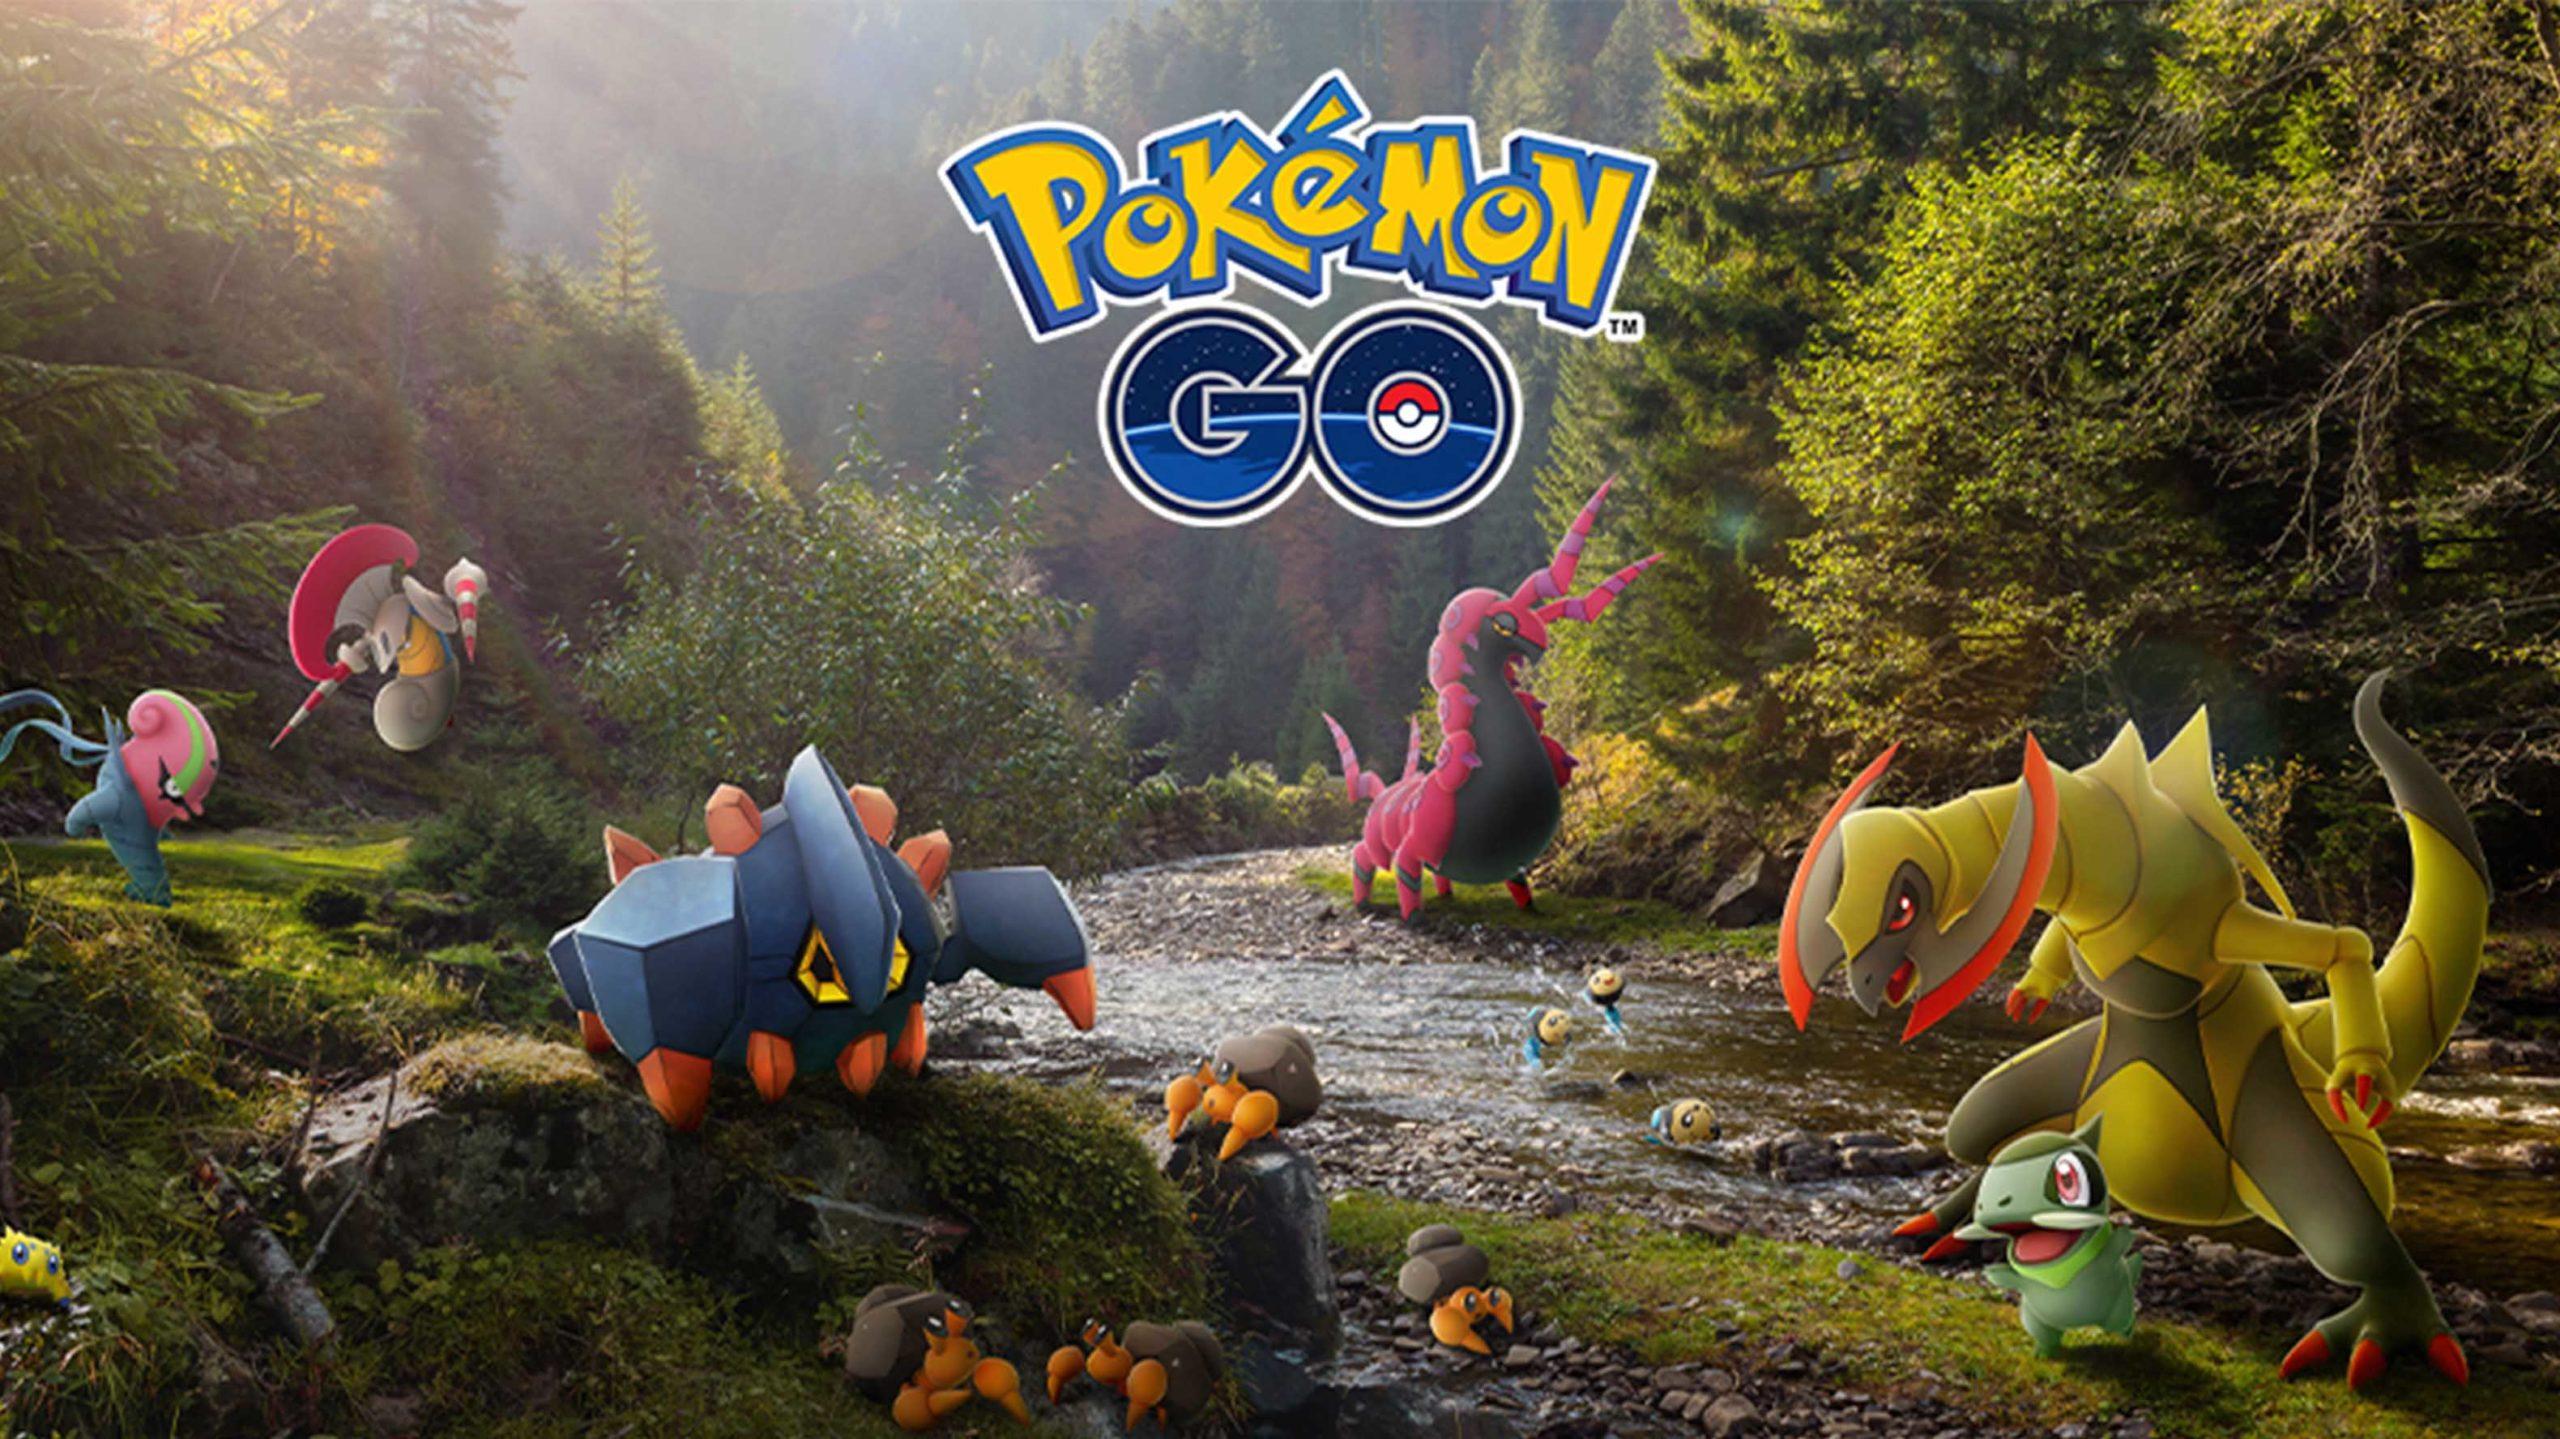 Pokémon Go Trade Evolution